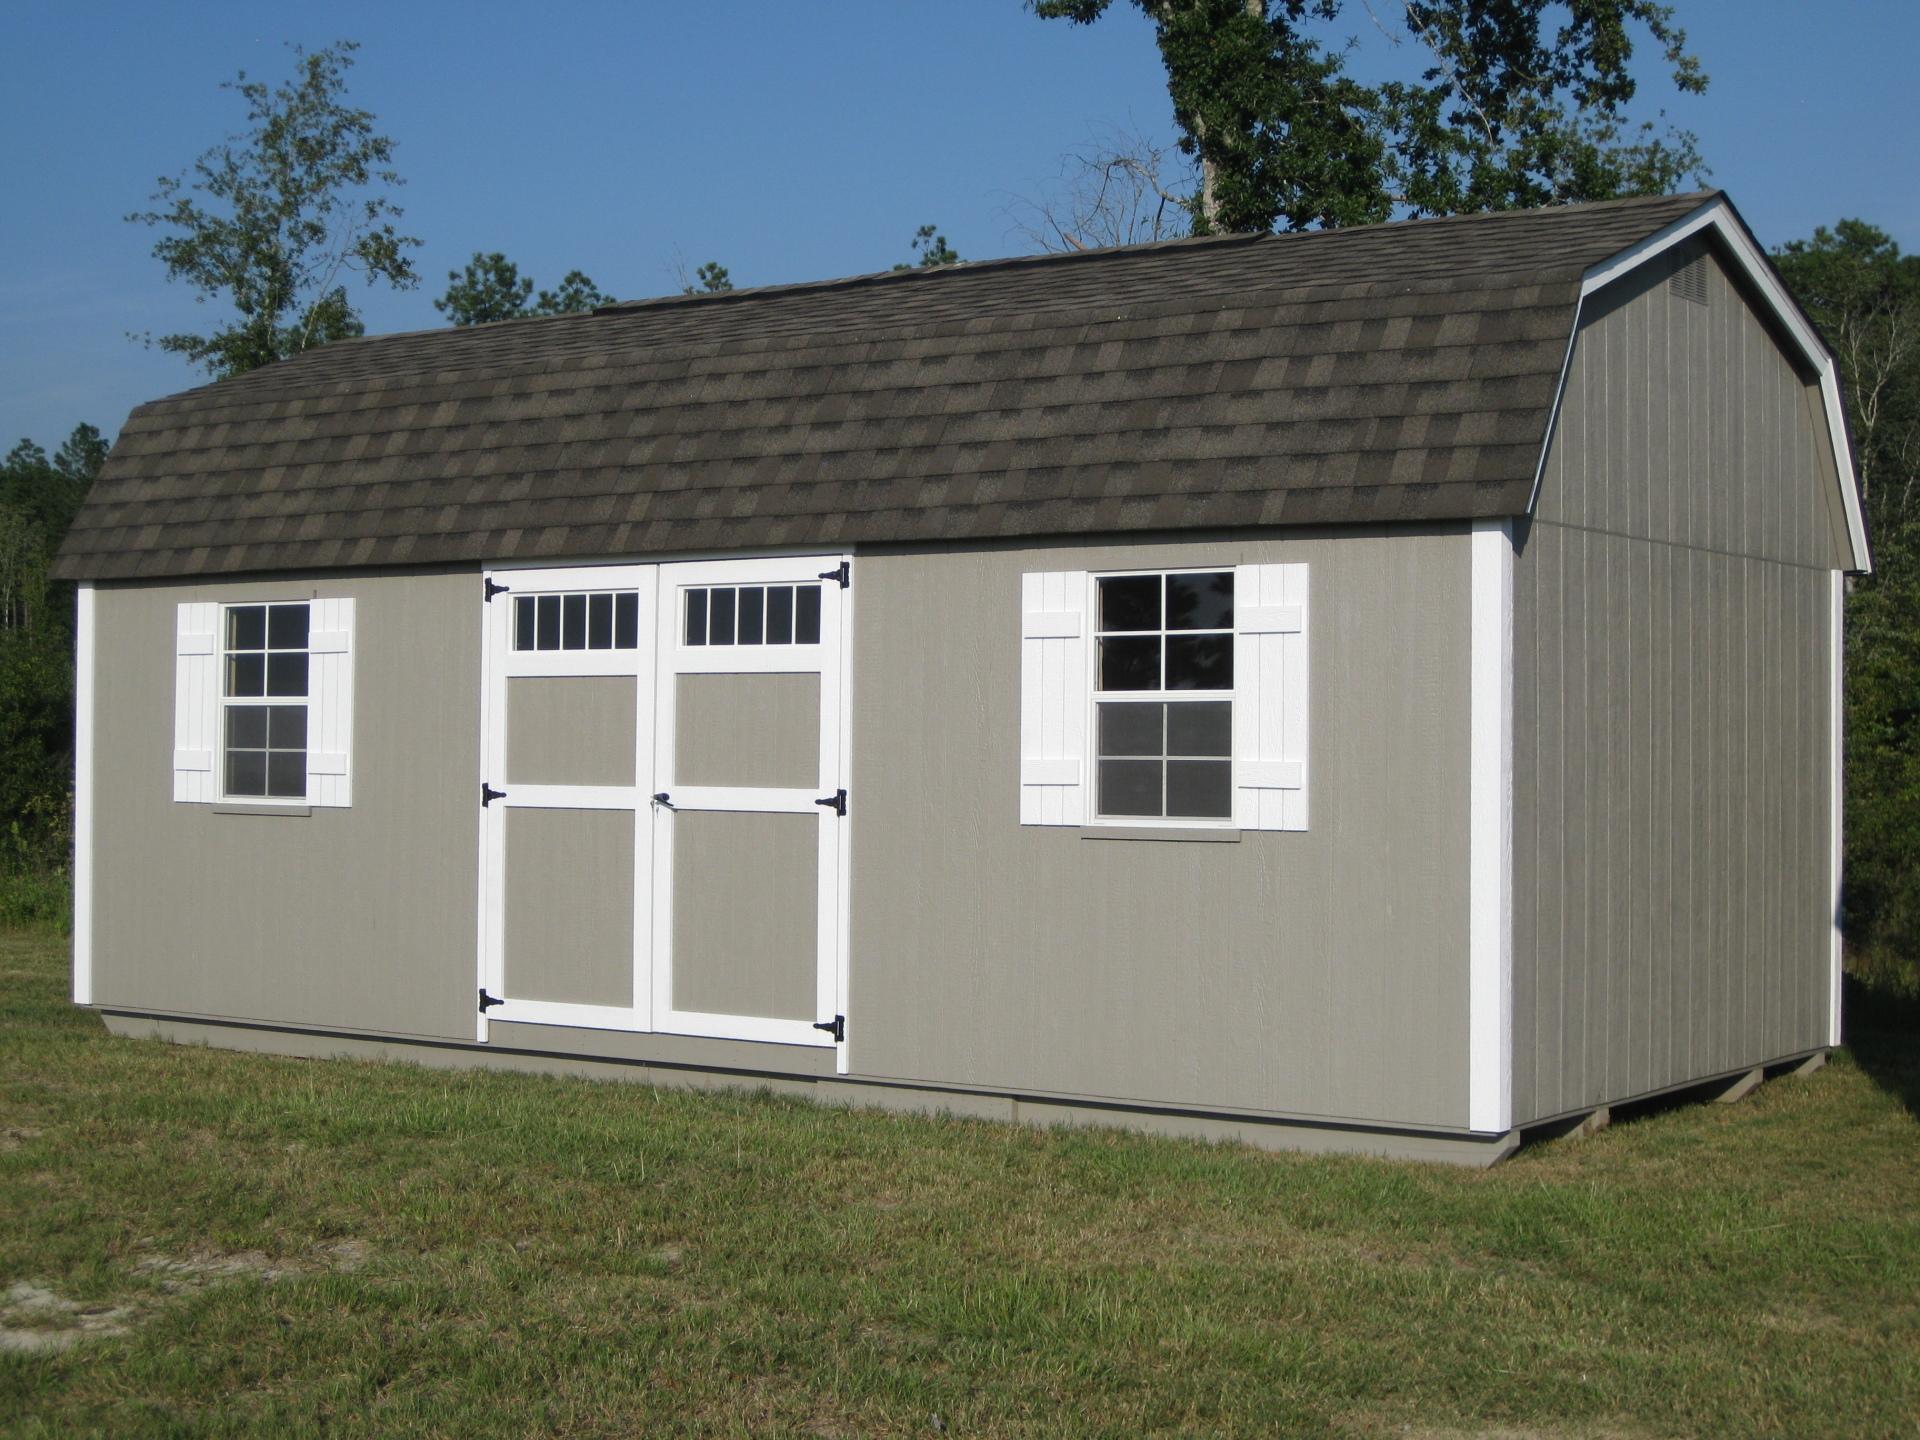 12x24 Lofted Barn w/ Transom Windows